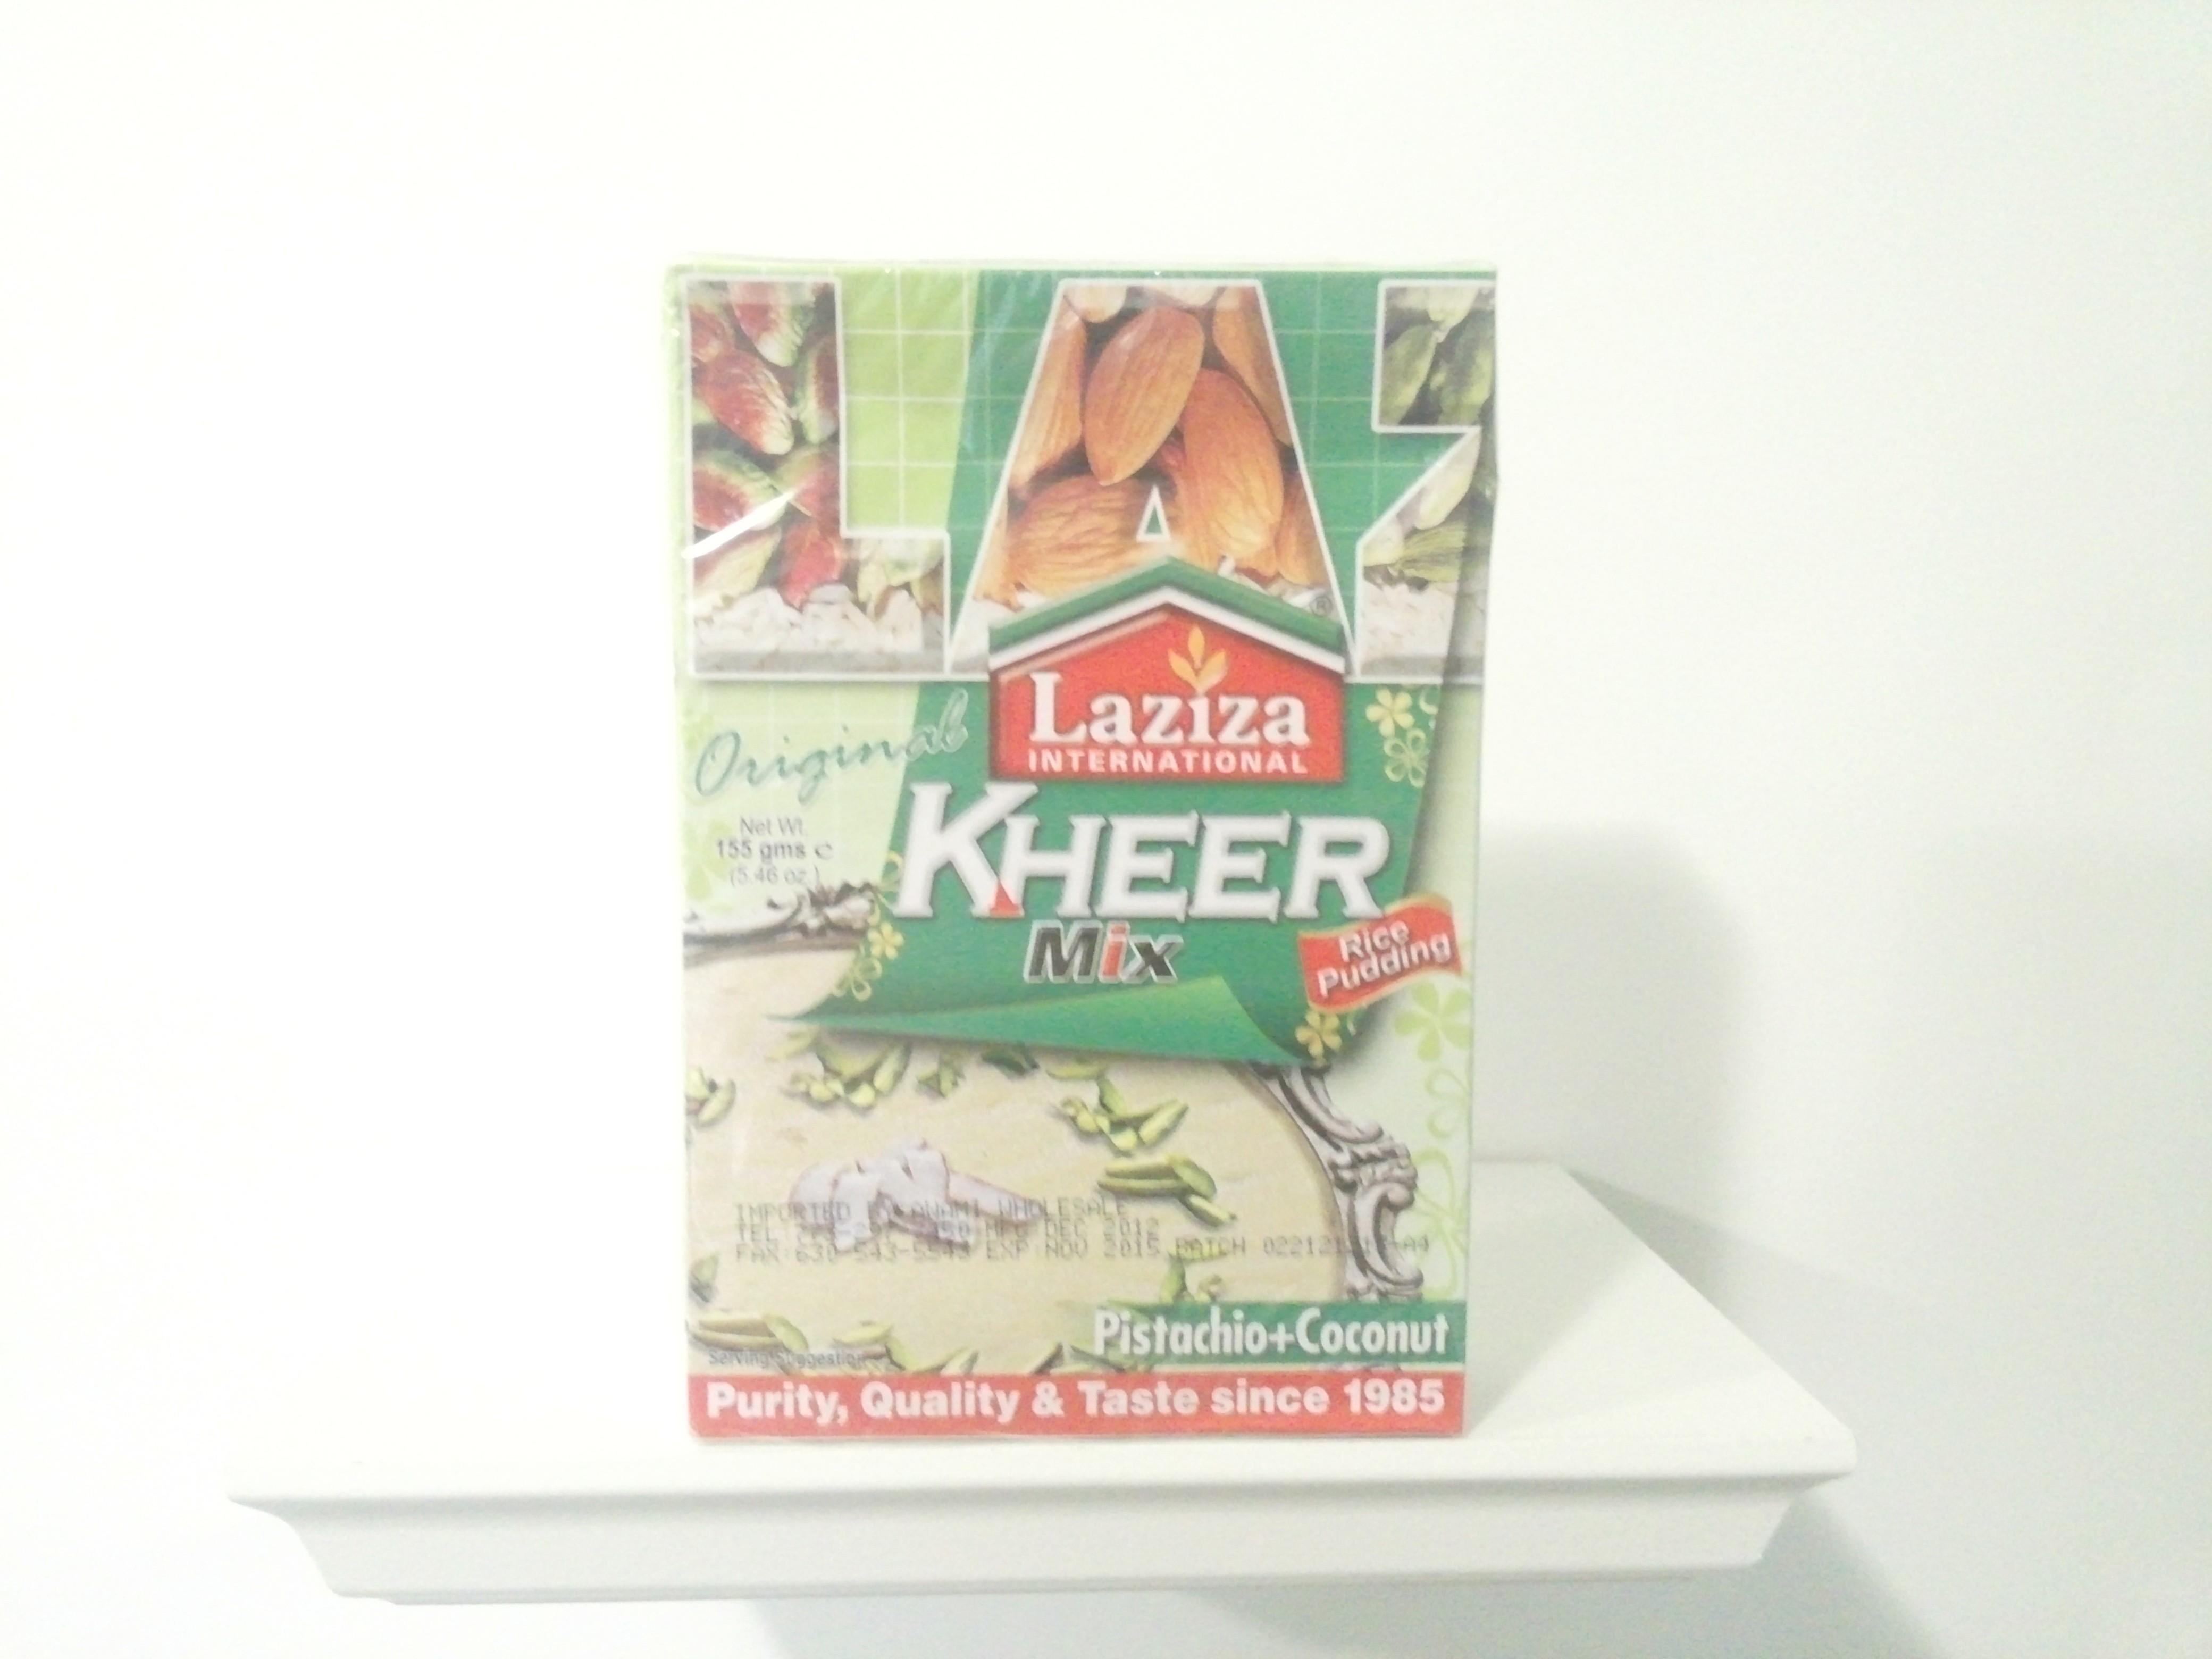 Laziza Kheer Mix (Pistachio+Coconut)155 grm